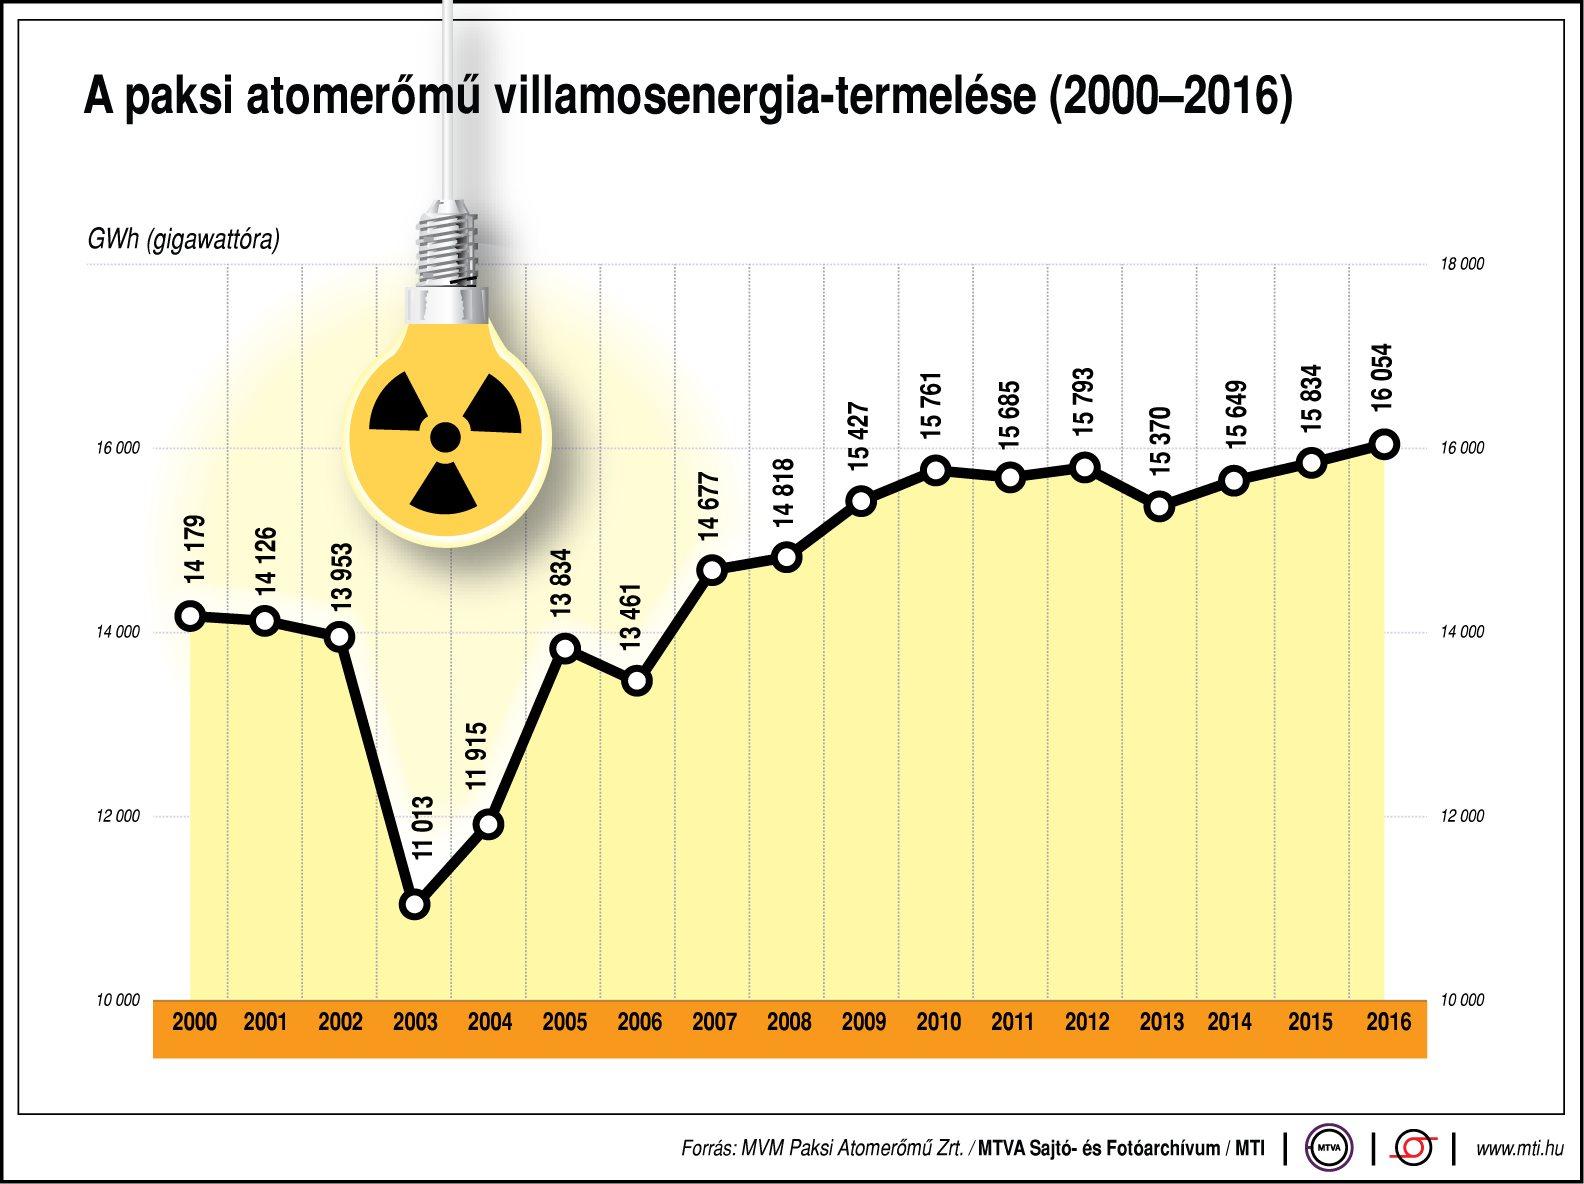 A Paksi Atomerőmű villamosenergia-termelése - ábra